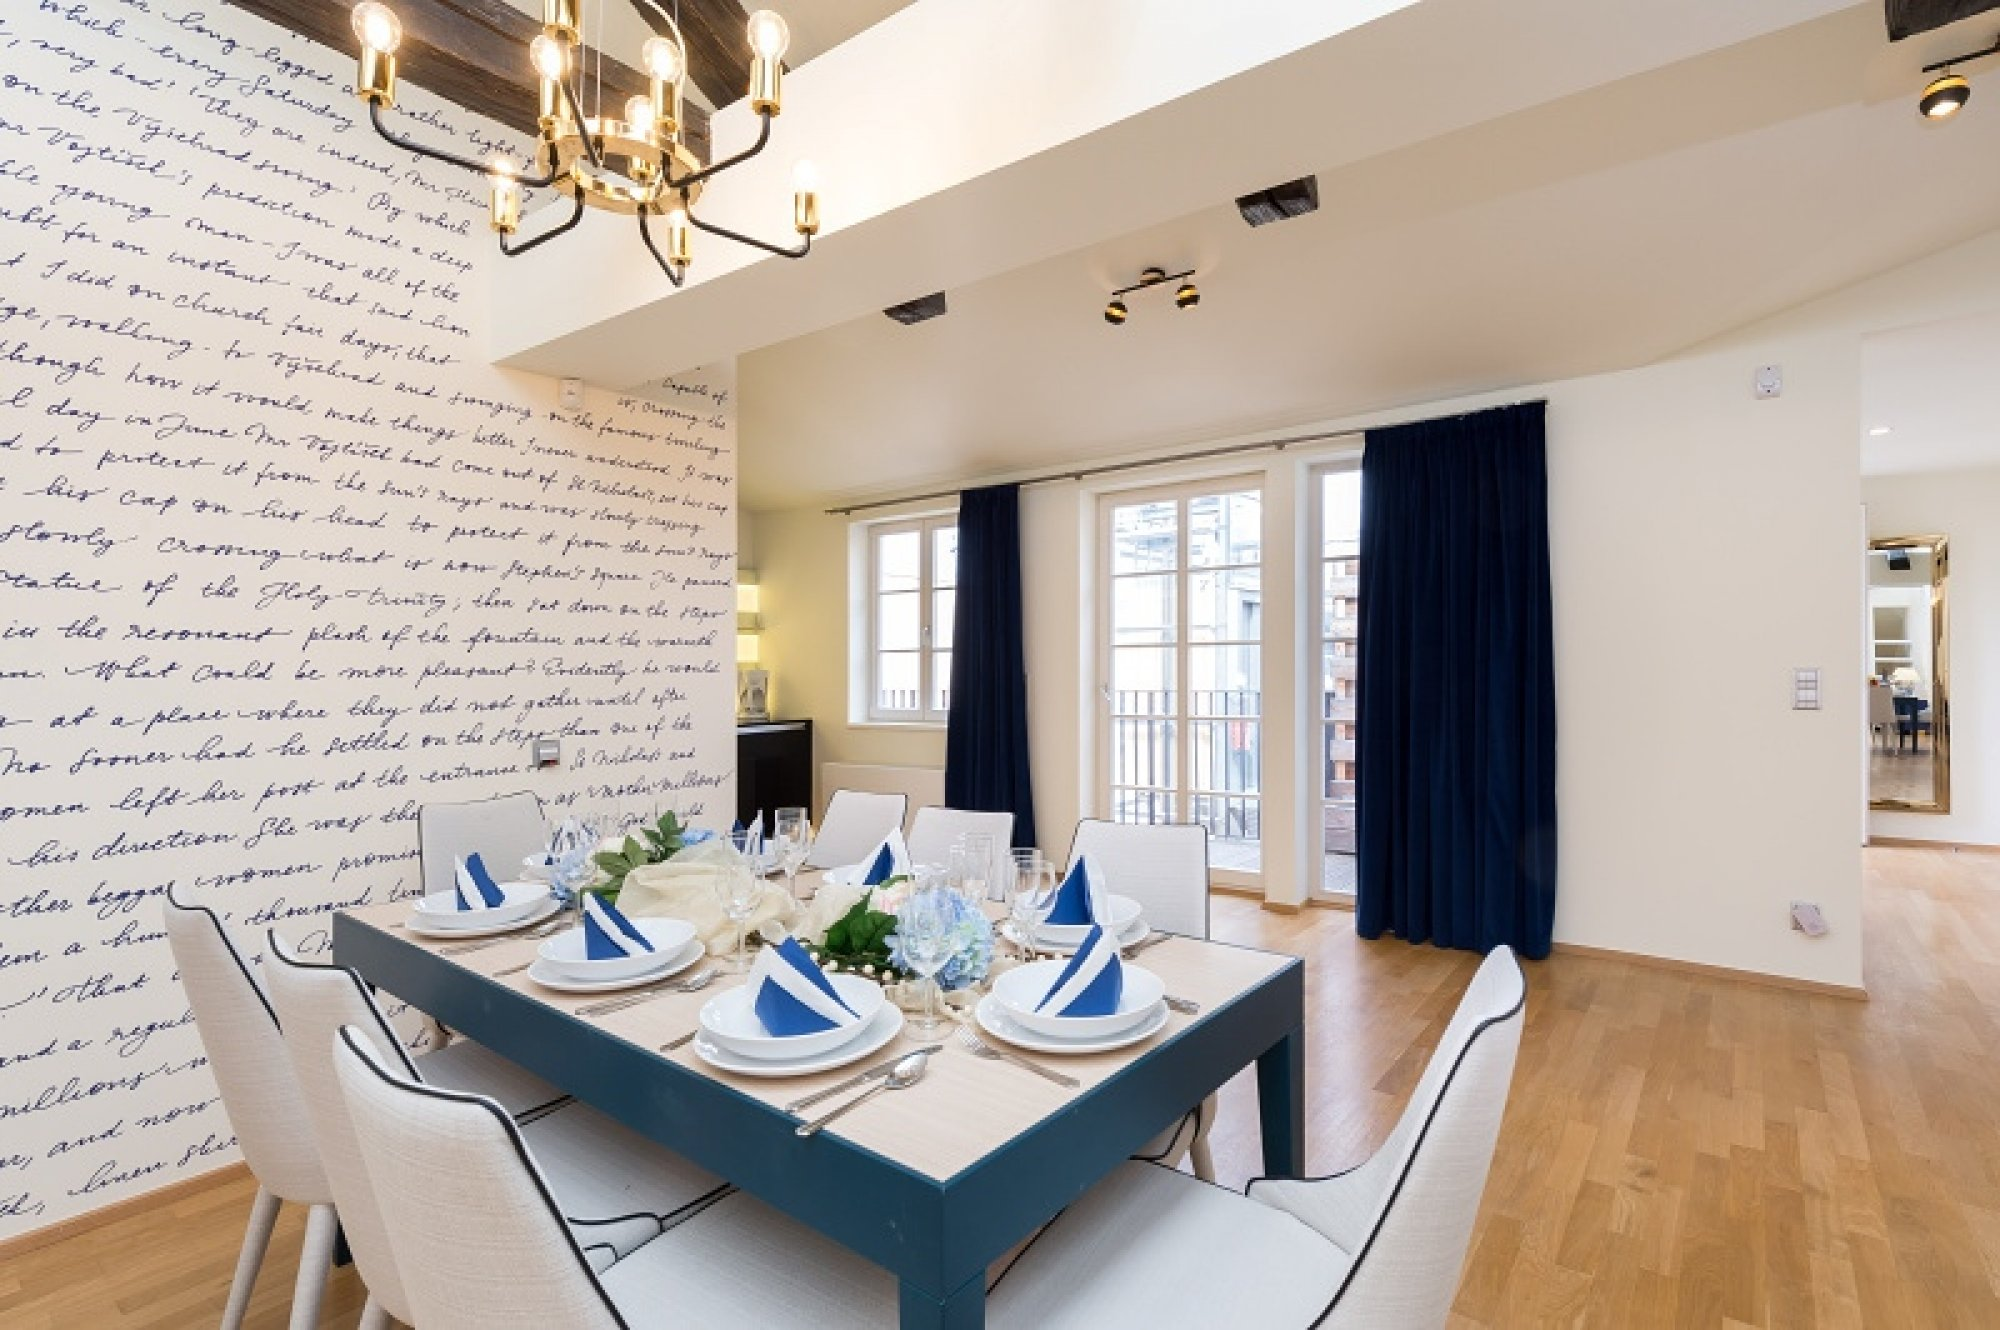 Půdní byt 5+kk, plocha 281 m², ulice Vítězná, Praha 1 - Malá Strana | 2